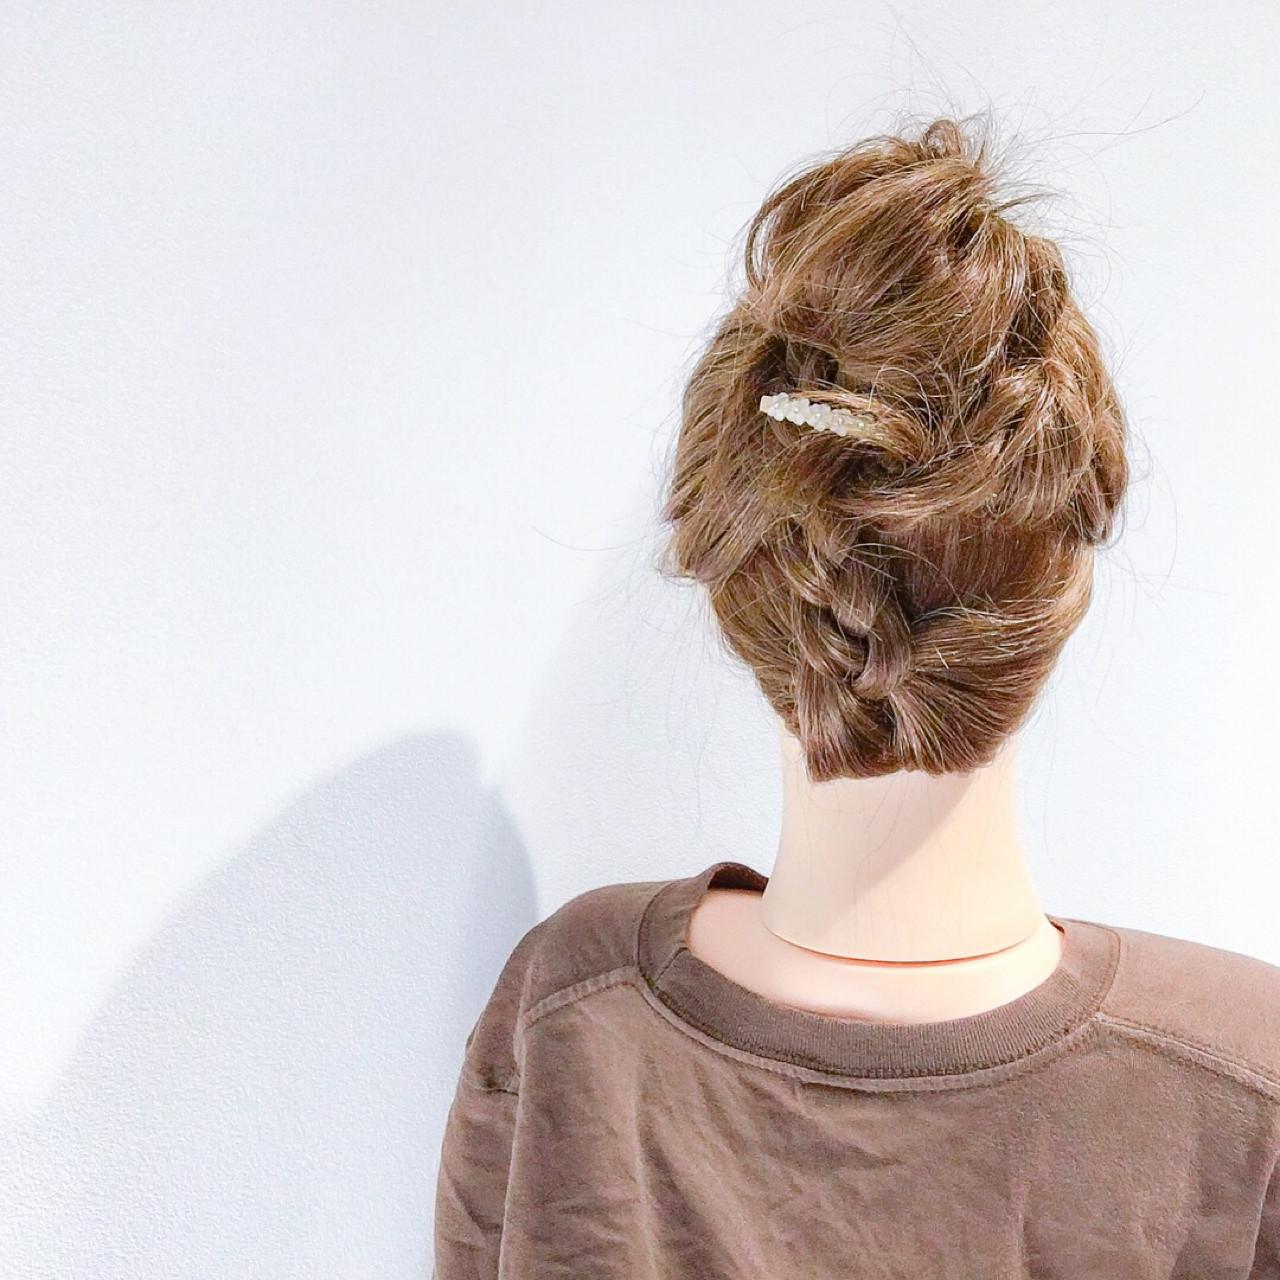 ヘアアレンジ アウトドア フェミニン 三つ編み ヘアスタイルや髪型の写真・画像